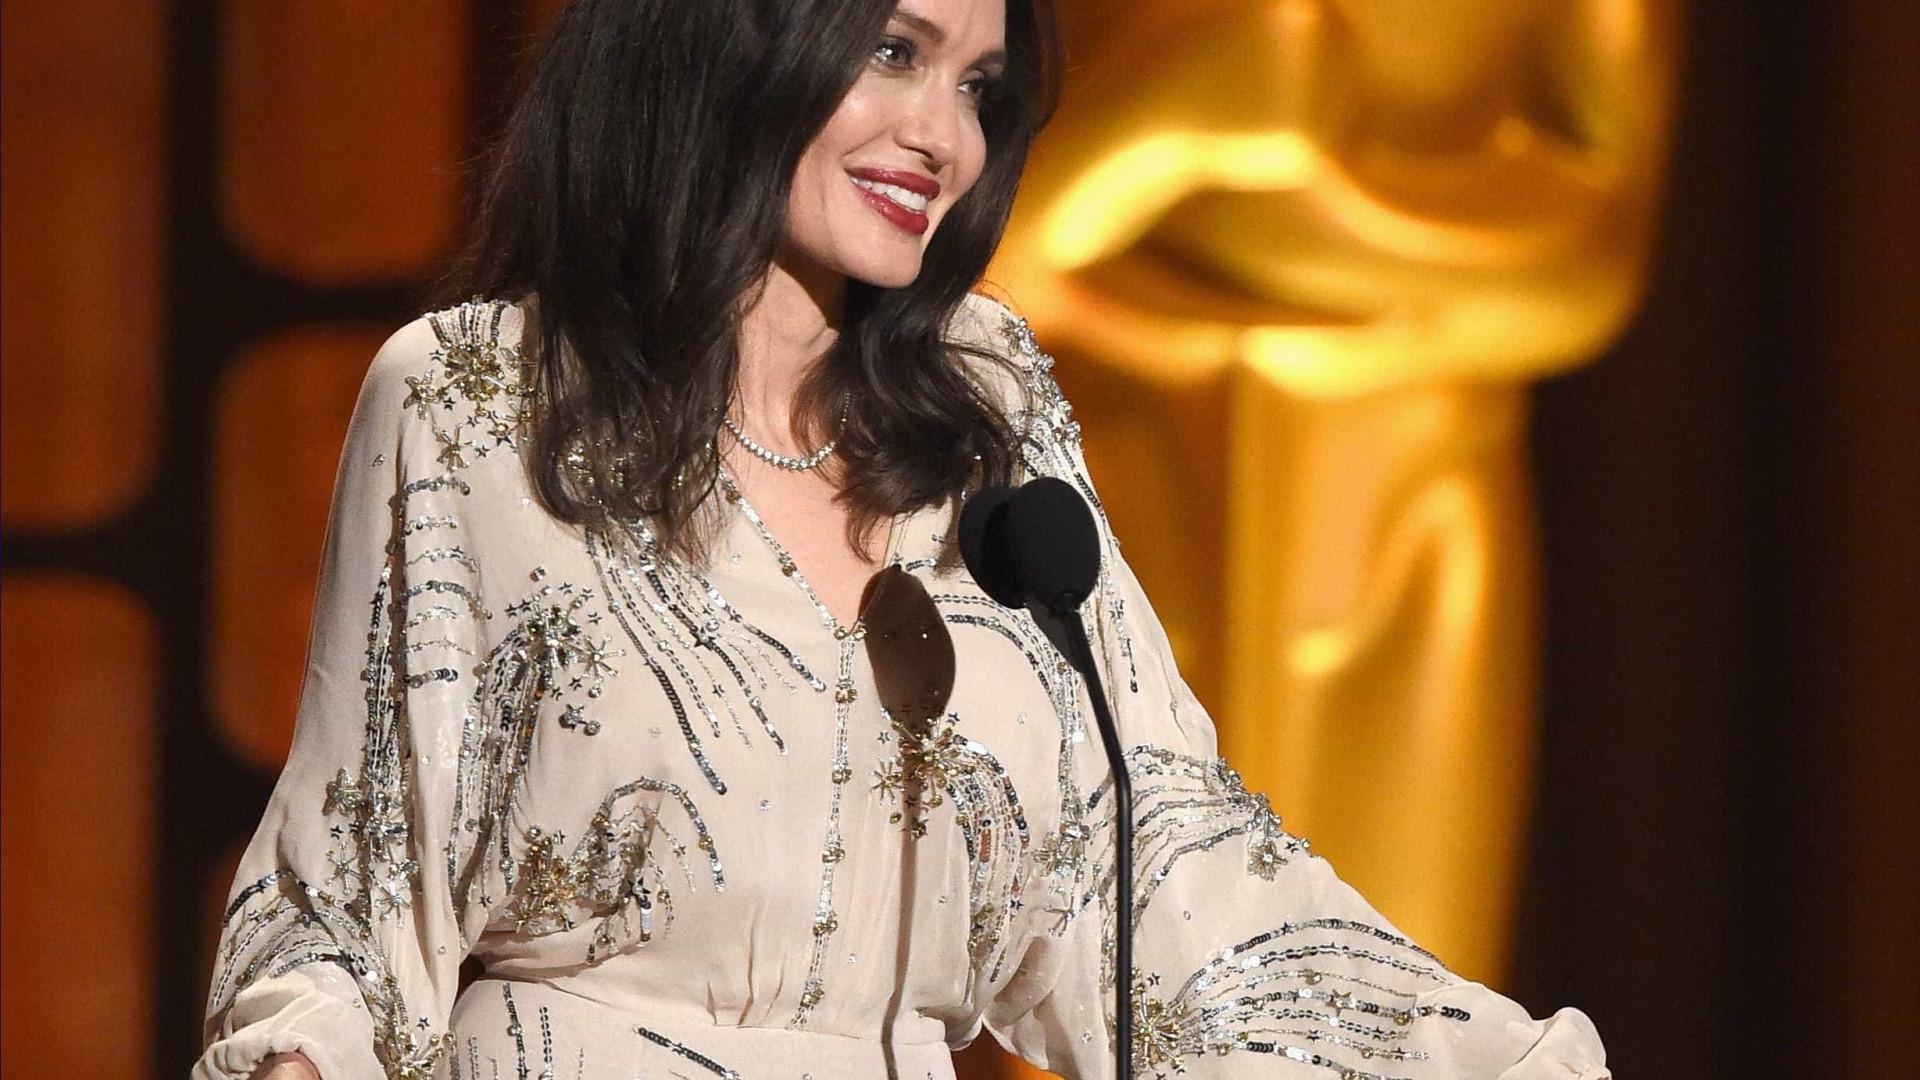 Entre fotos e autógrafos, Angelina Jolie não se esquece dos fãs